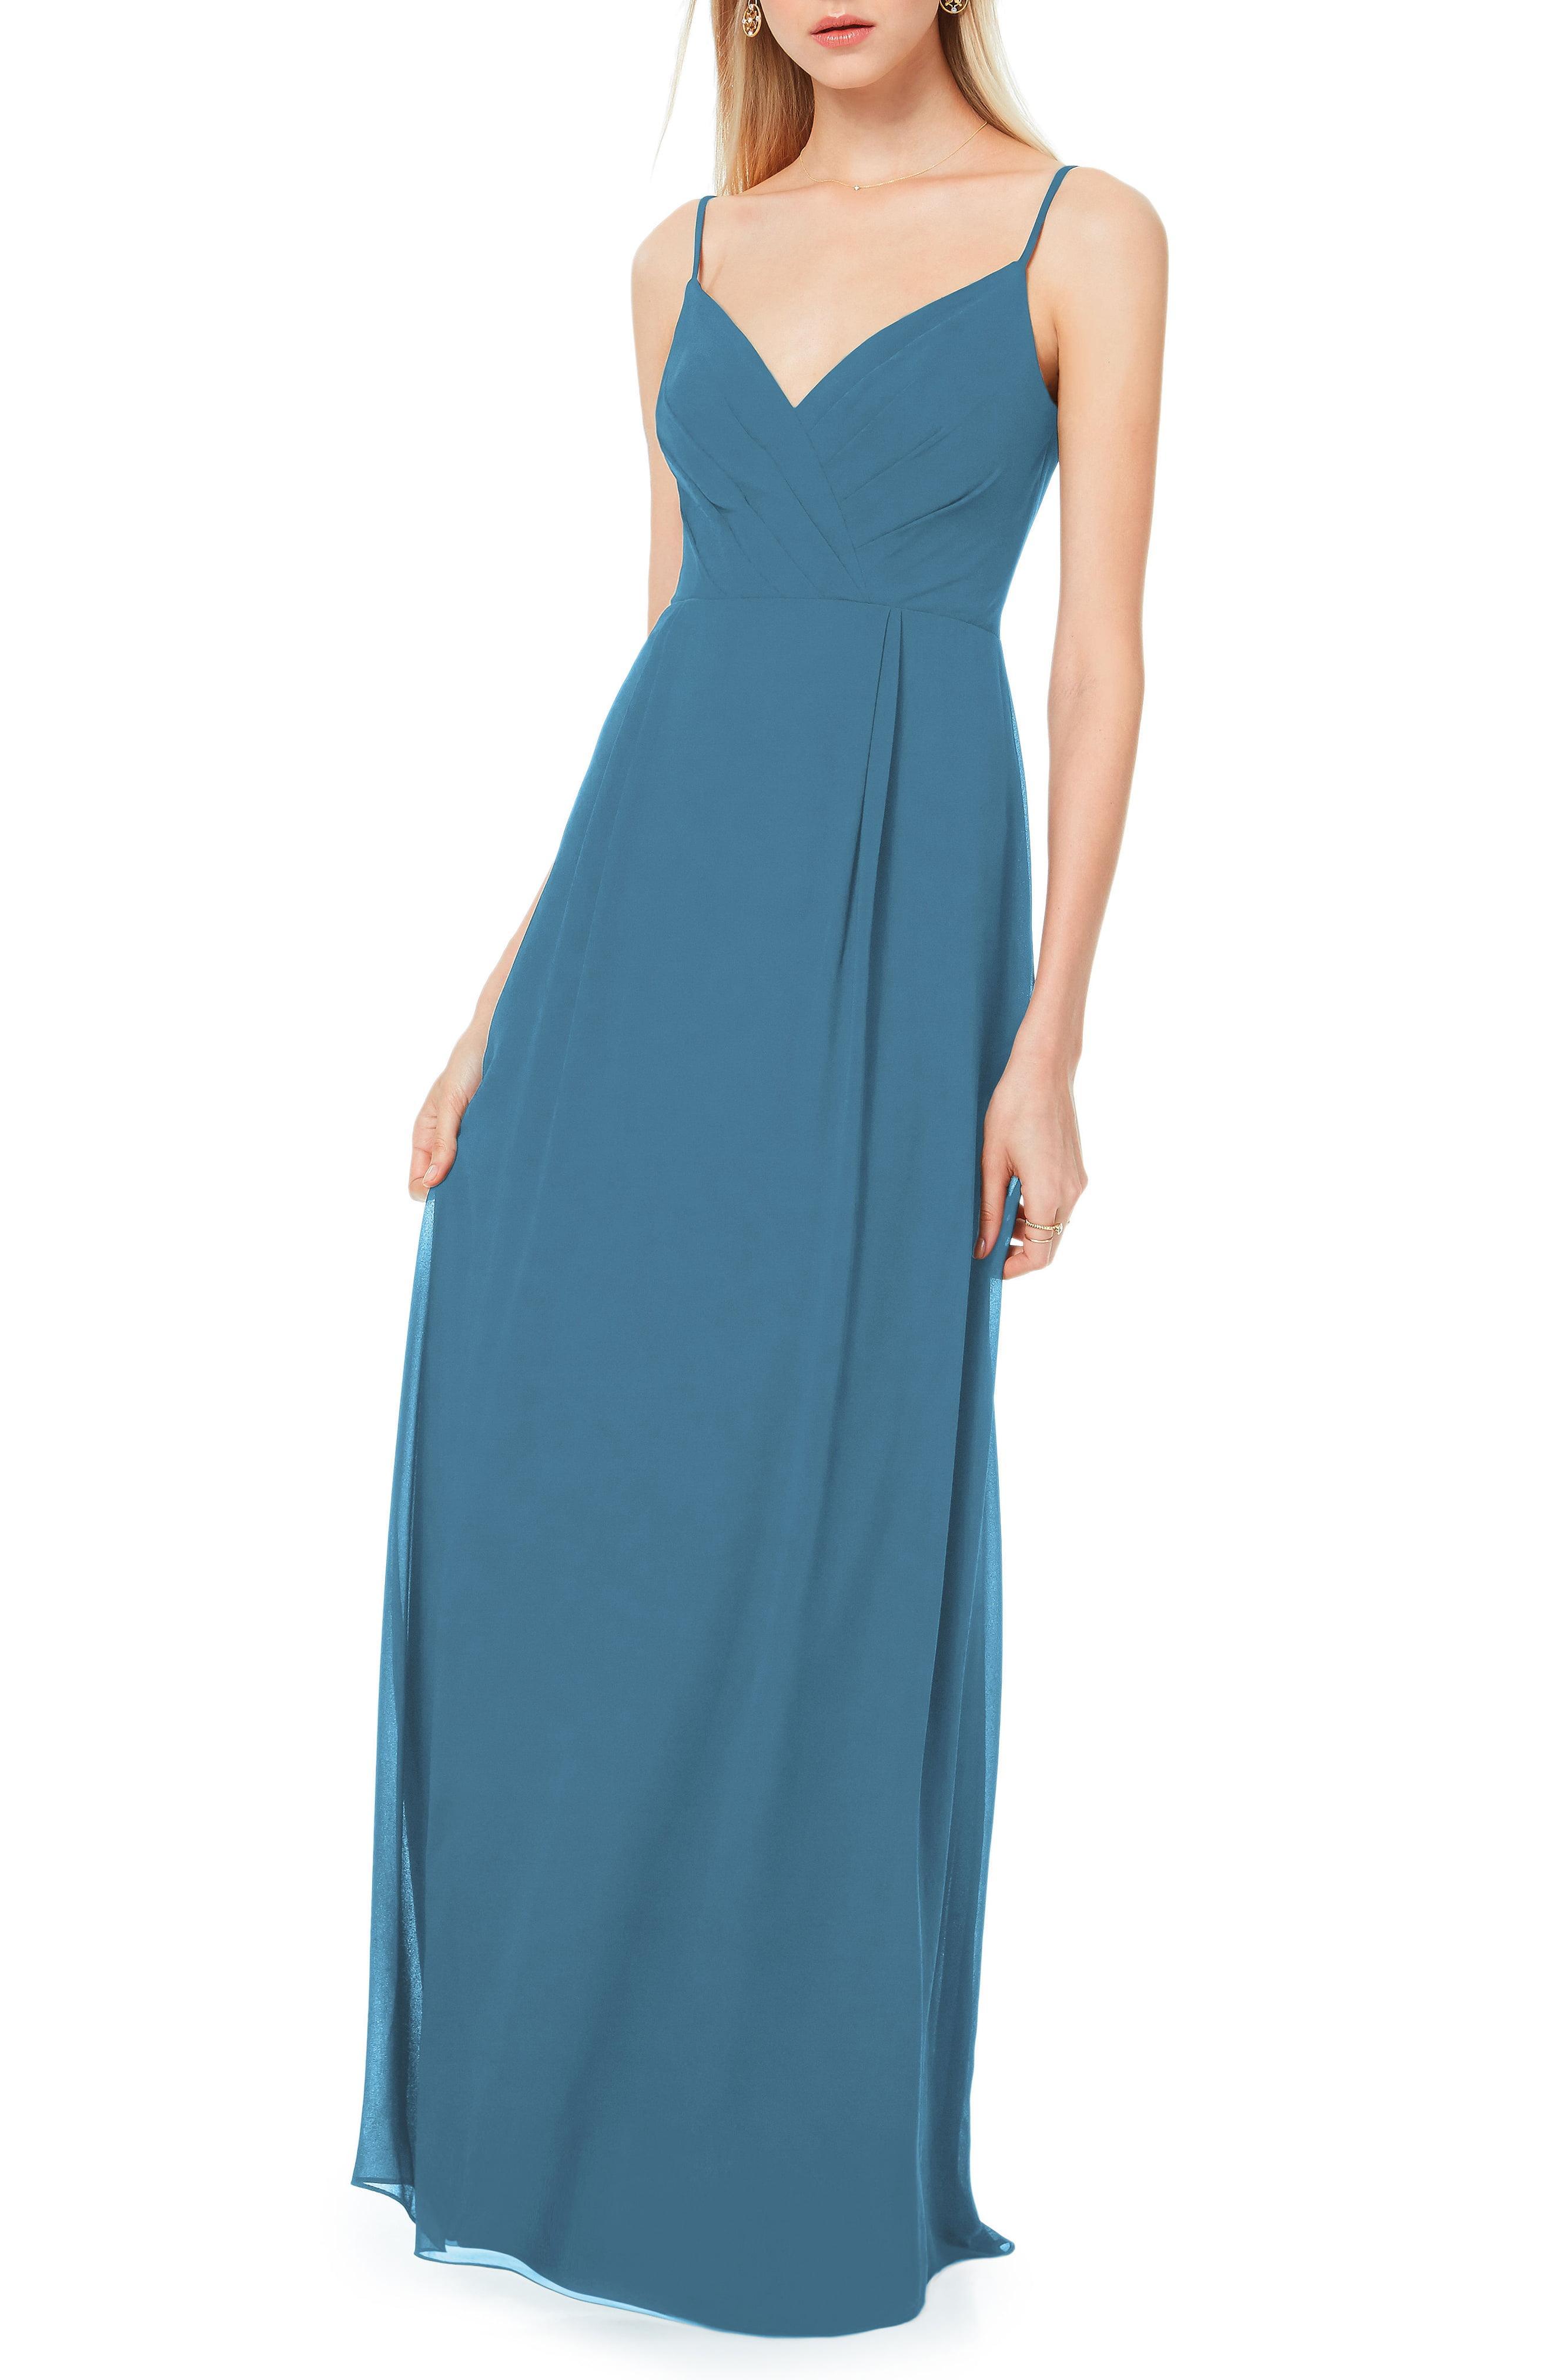 dd9b5aa6ae Lyst - Bill Levkoff Pleated Bodice Chiffon Gown in Blue